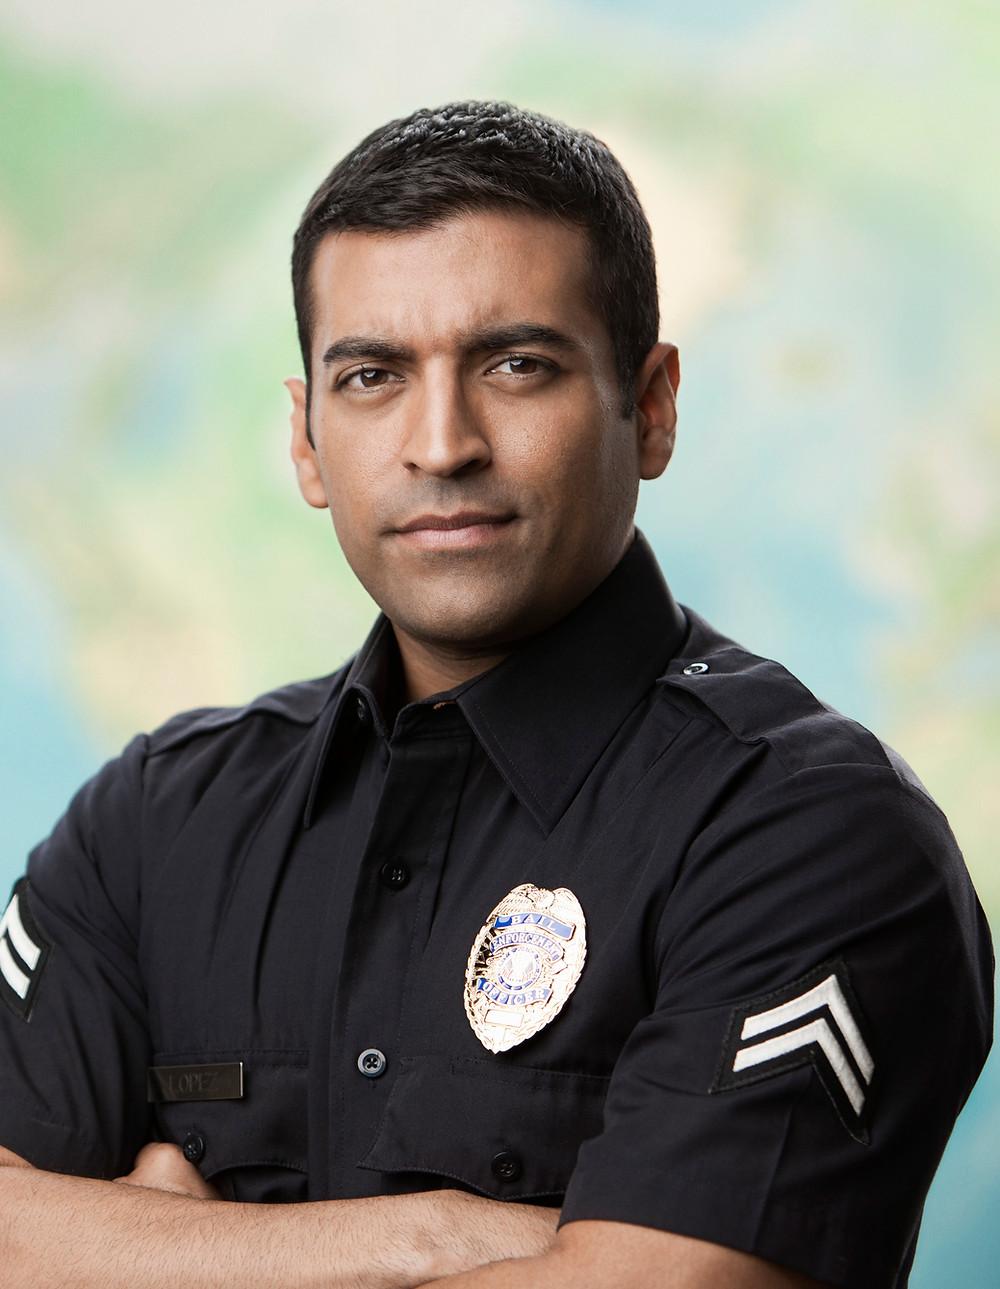 A good cop thriller